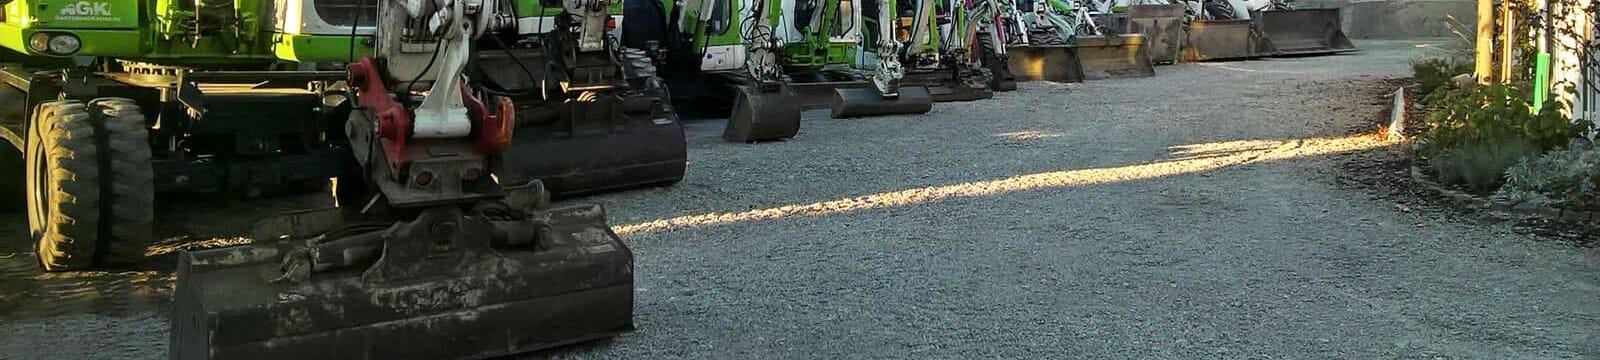 Maschinenpark - Bagger und Radlader